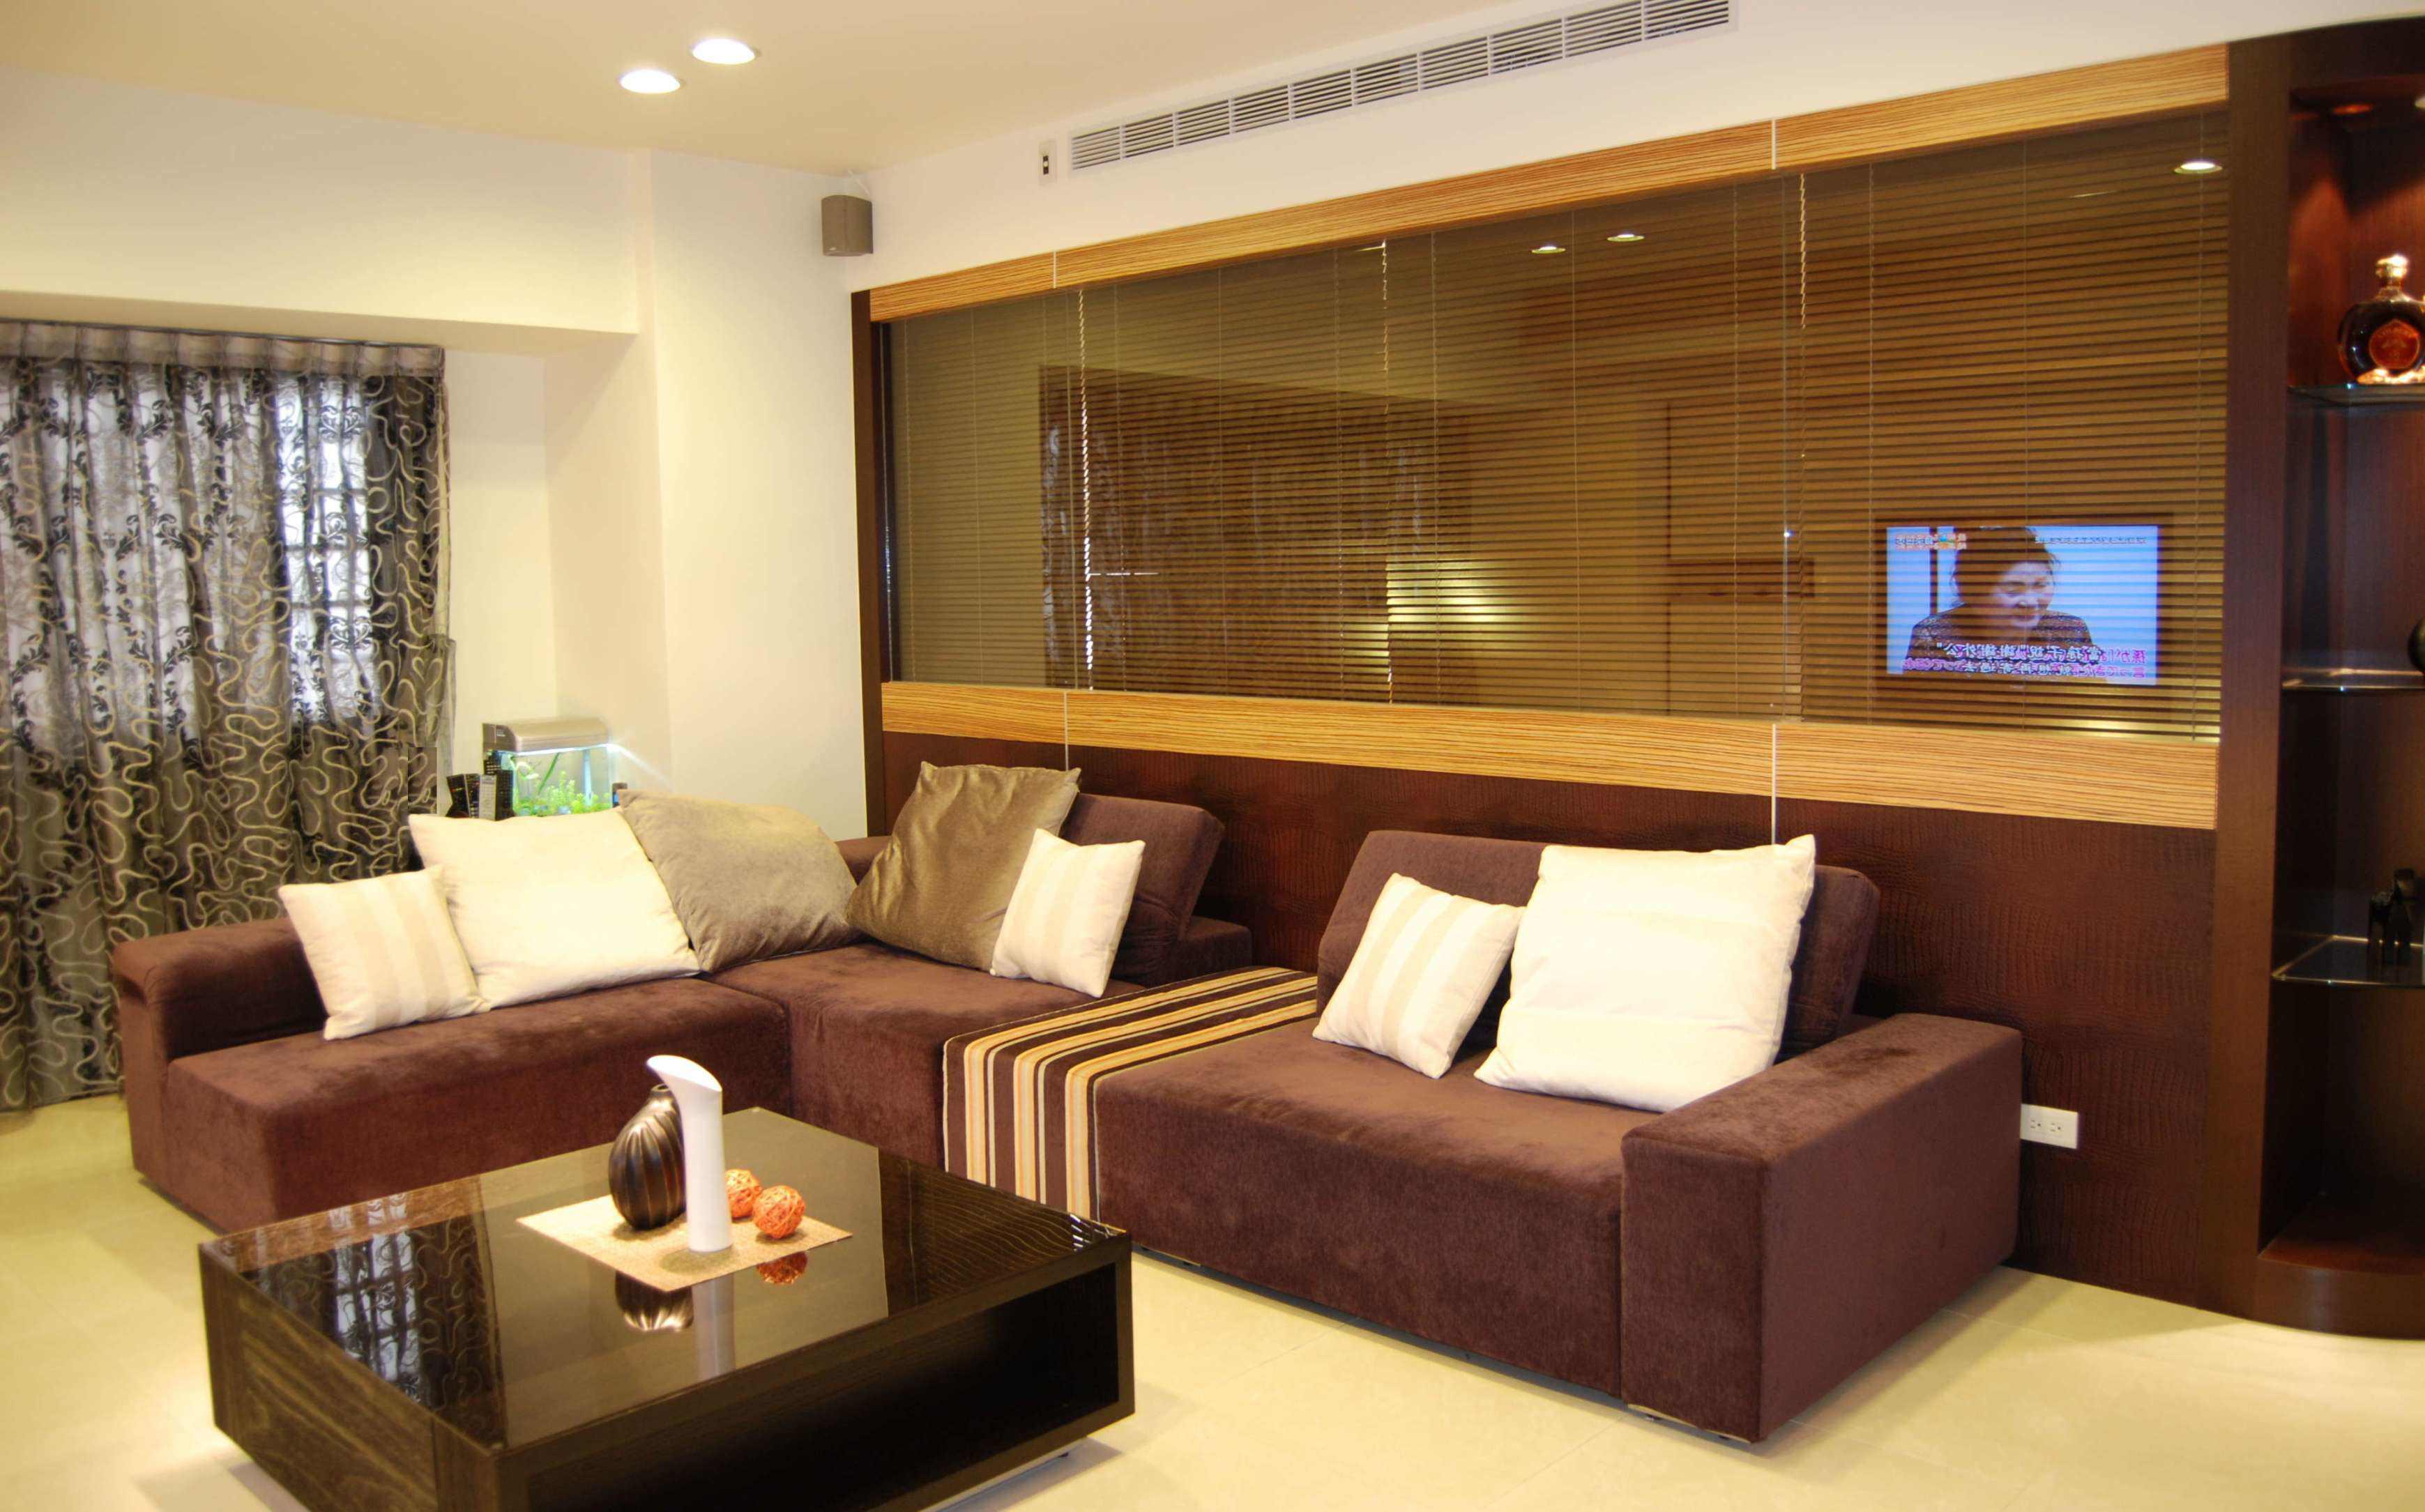 时尚简约家居沙发装饰效果图